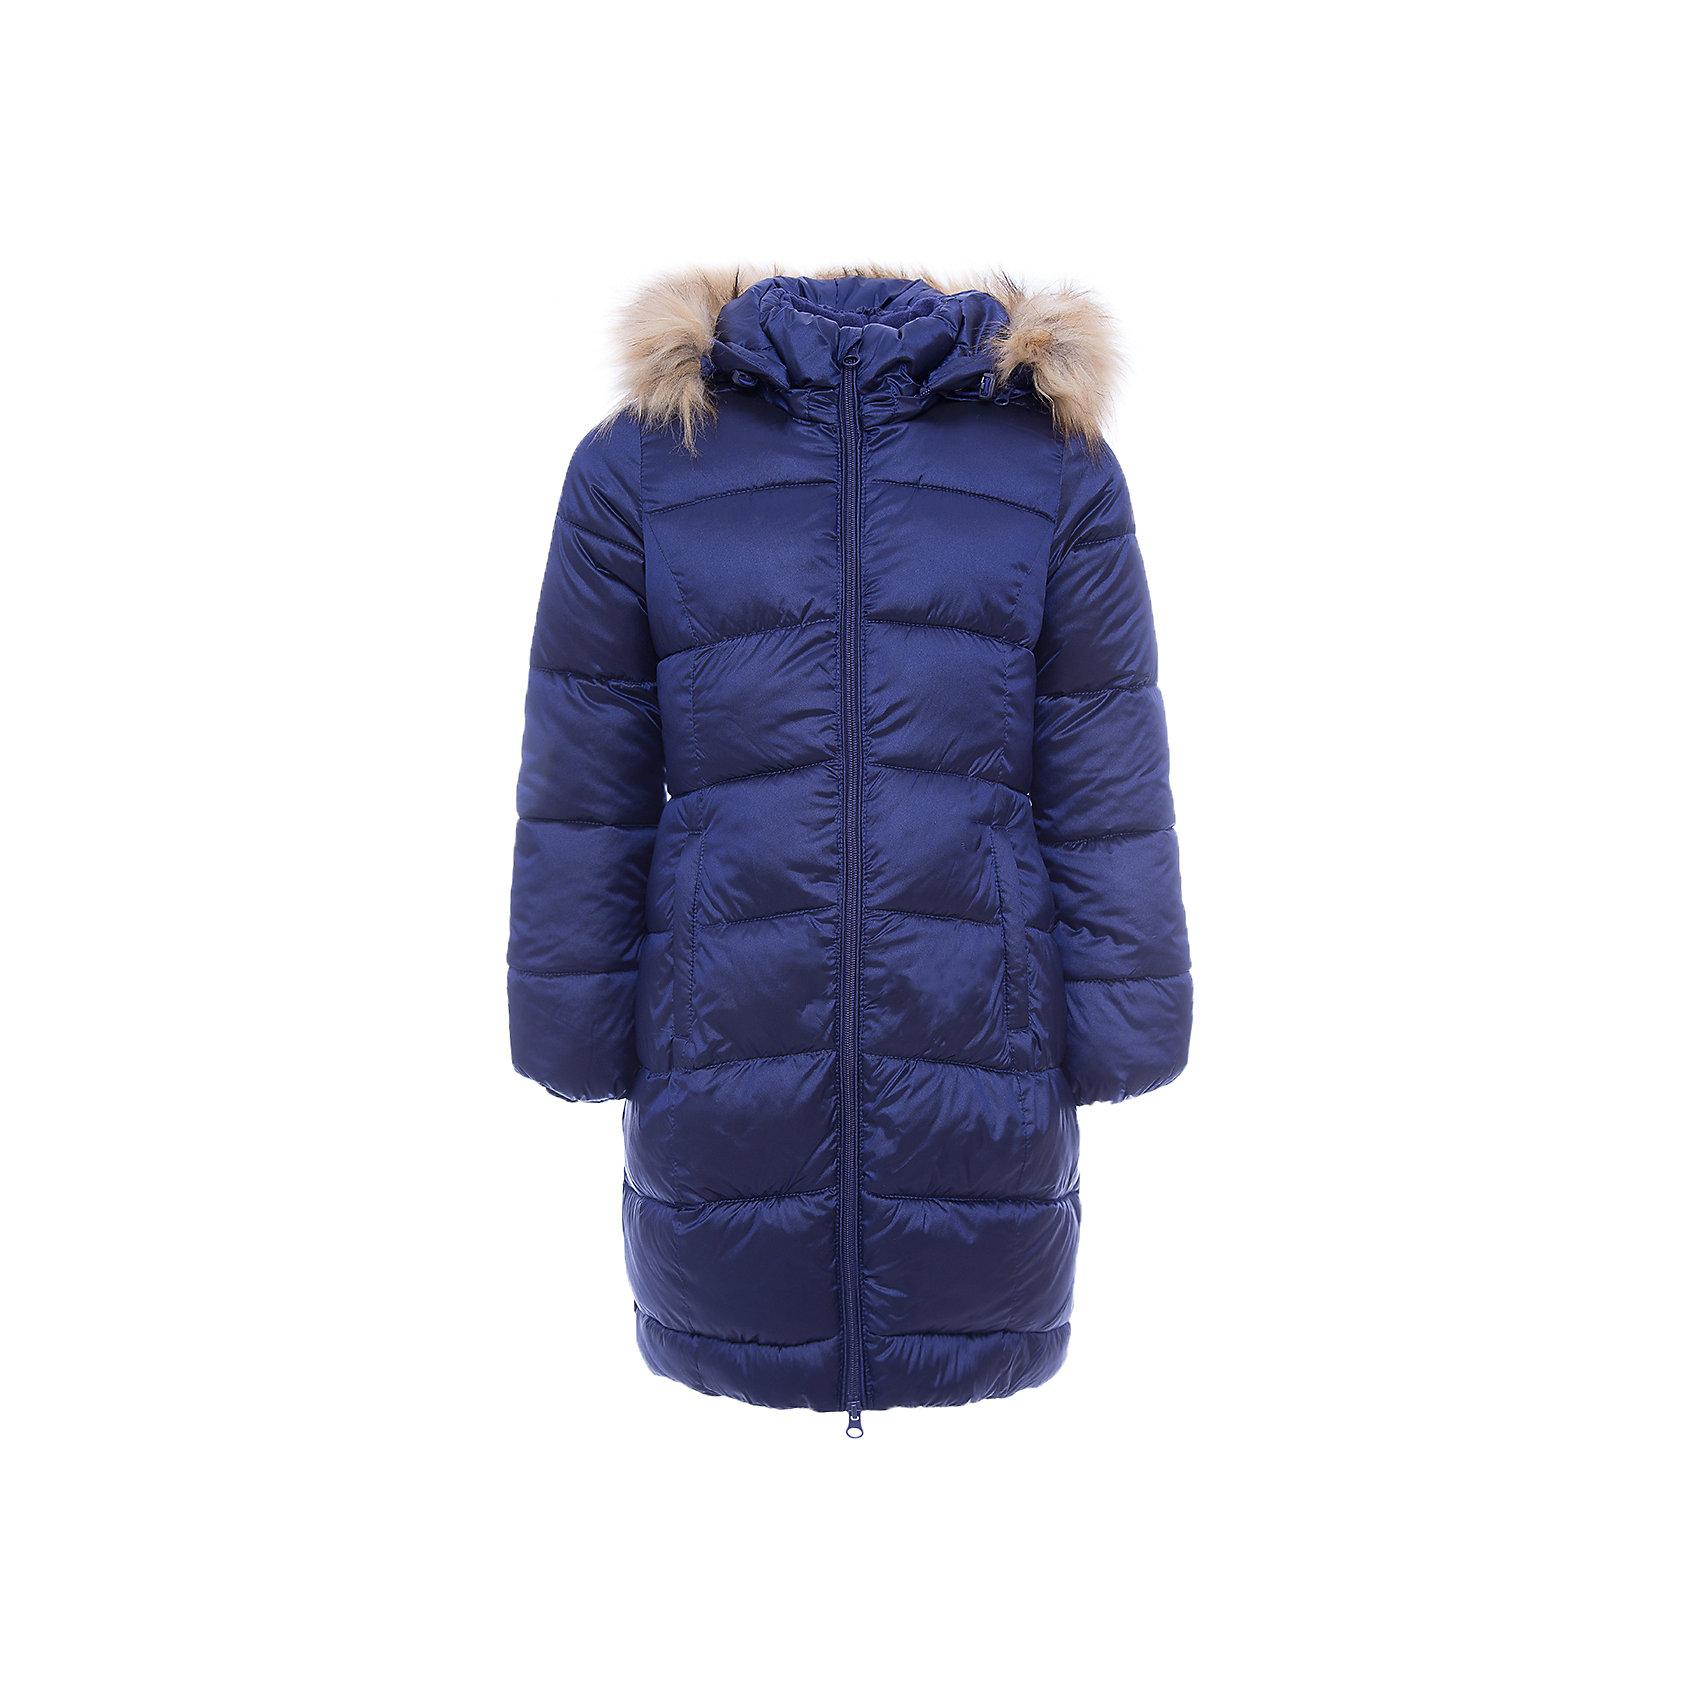 Пальто Лиза OLDOS для девочкиВерхняя одежда<br>Характеристики товара:<br><br>• цвет: черный<br>• состав ткани: 42% нейлон, 58% полиэстер, пропитка PU, Teflon<br>• подкладка: флис, полиэстер<br>• утеплитель: искусственный лебяжий пух<br>• сезон: зима<br>• температурный режим: от -35 до 0<br>• застежка: молния<br>• капюшон: с мехом, съемный<br>• страна бренда: Россия<br>• страна изготовитель: Россия<br><br>Стильное зимнее пальто для ребенка обеспечит тепло и комфорт даже в сильные холода. Пальто для девочки сделано из легких и качественных материалов. Пальто для ребенка имеет специальную внешнюю пропитку, защищающую от грязи, ветра и влаги. Теплое детское пальто модно и красиво смотрится.<br><br>Пальто Лиза Oldos (Олдос) для девочки можно купить в нашем интернет-магазине.<br><br>Ширина мм: 356<br>Глубина мм: 10<br>Высота мм: 245<br>Вес г: 519<br>Цвет: черный<br>Возраст от месяцев: 108<br>Возраст до месяцев: 120<br>Пол: Женский<br>Возраст: Детский<br>Размер: 140,128,158,152,146,134<br>SKU: 7016572